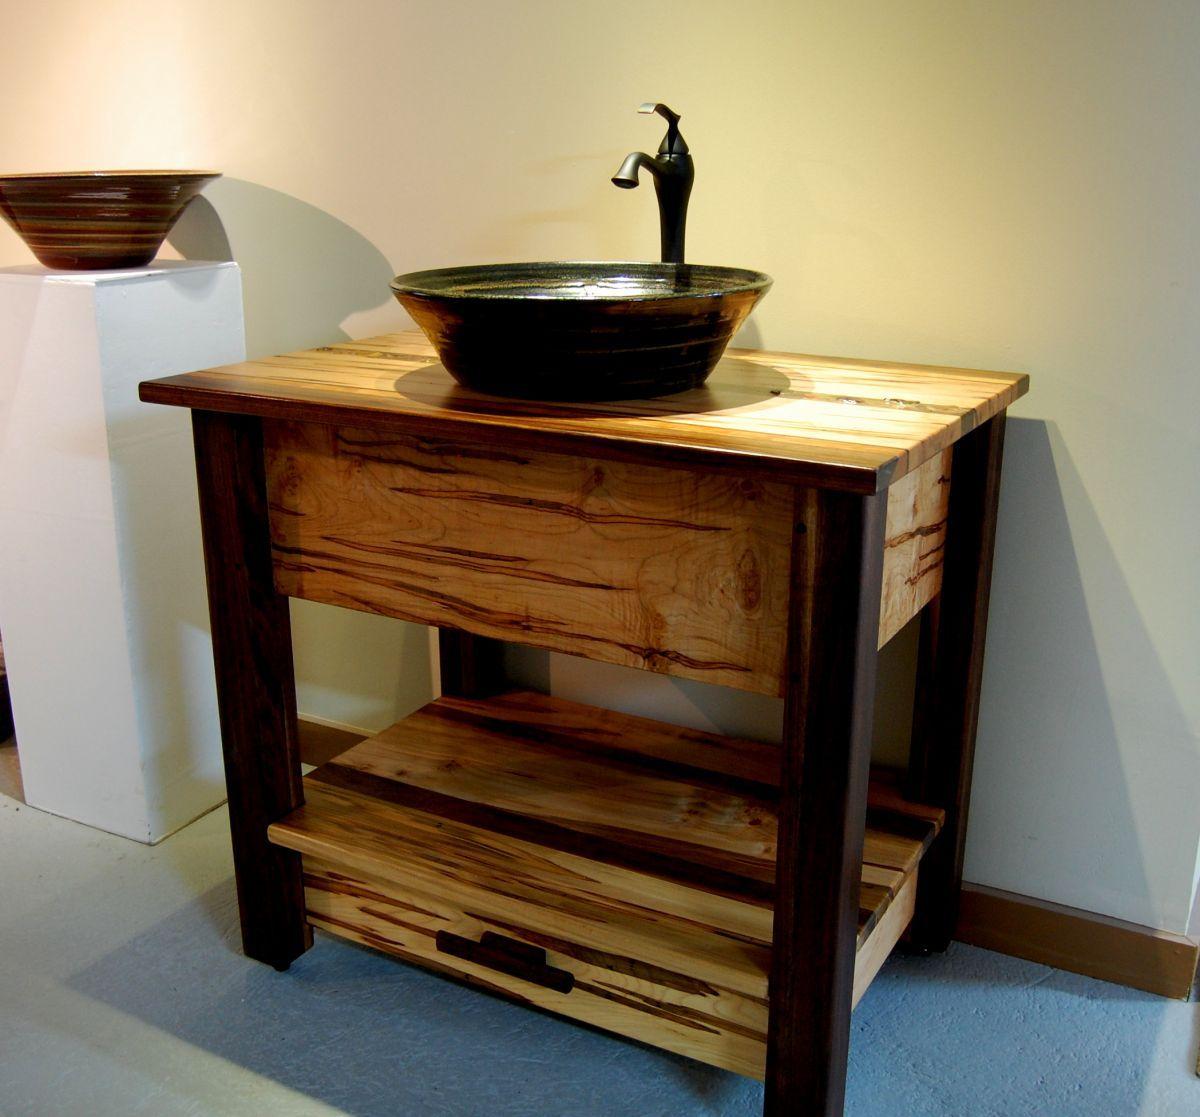 Kleines badezimmer dekor diy  archaicawful kleine badezimmer eitelkeit mit waschbecken fotos